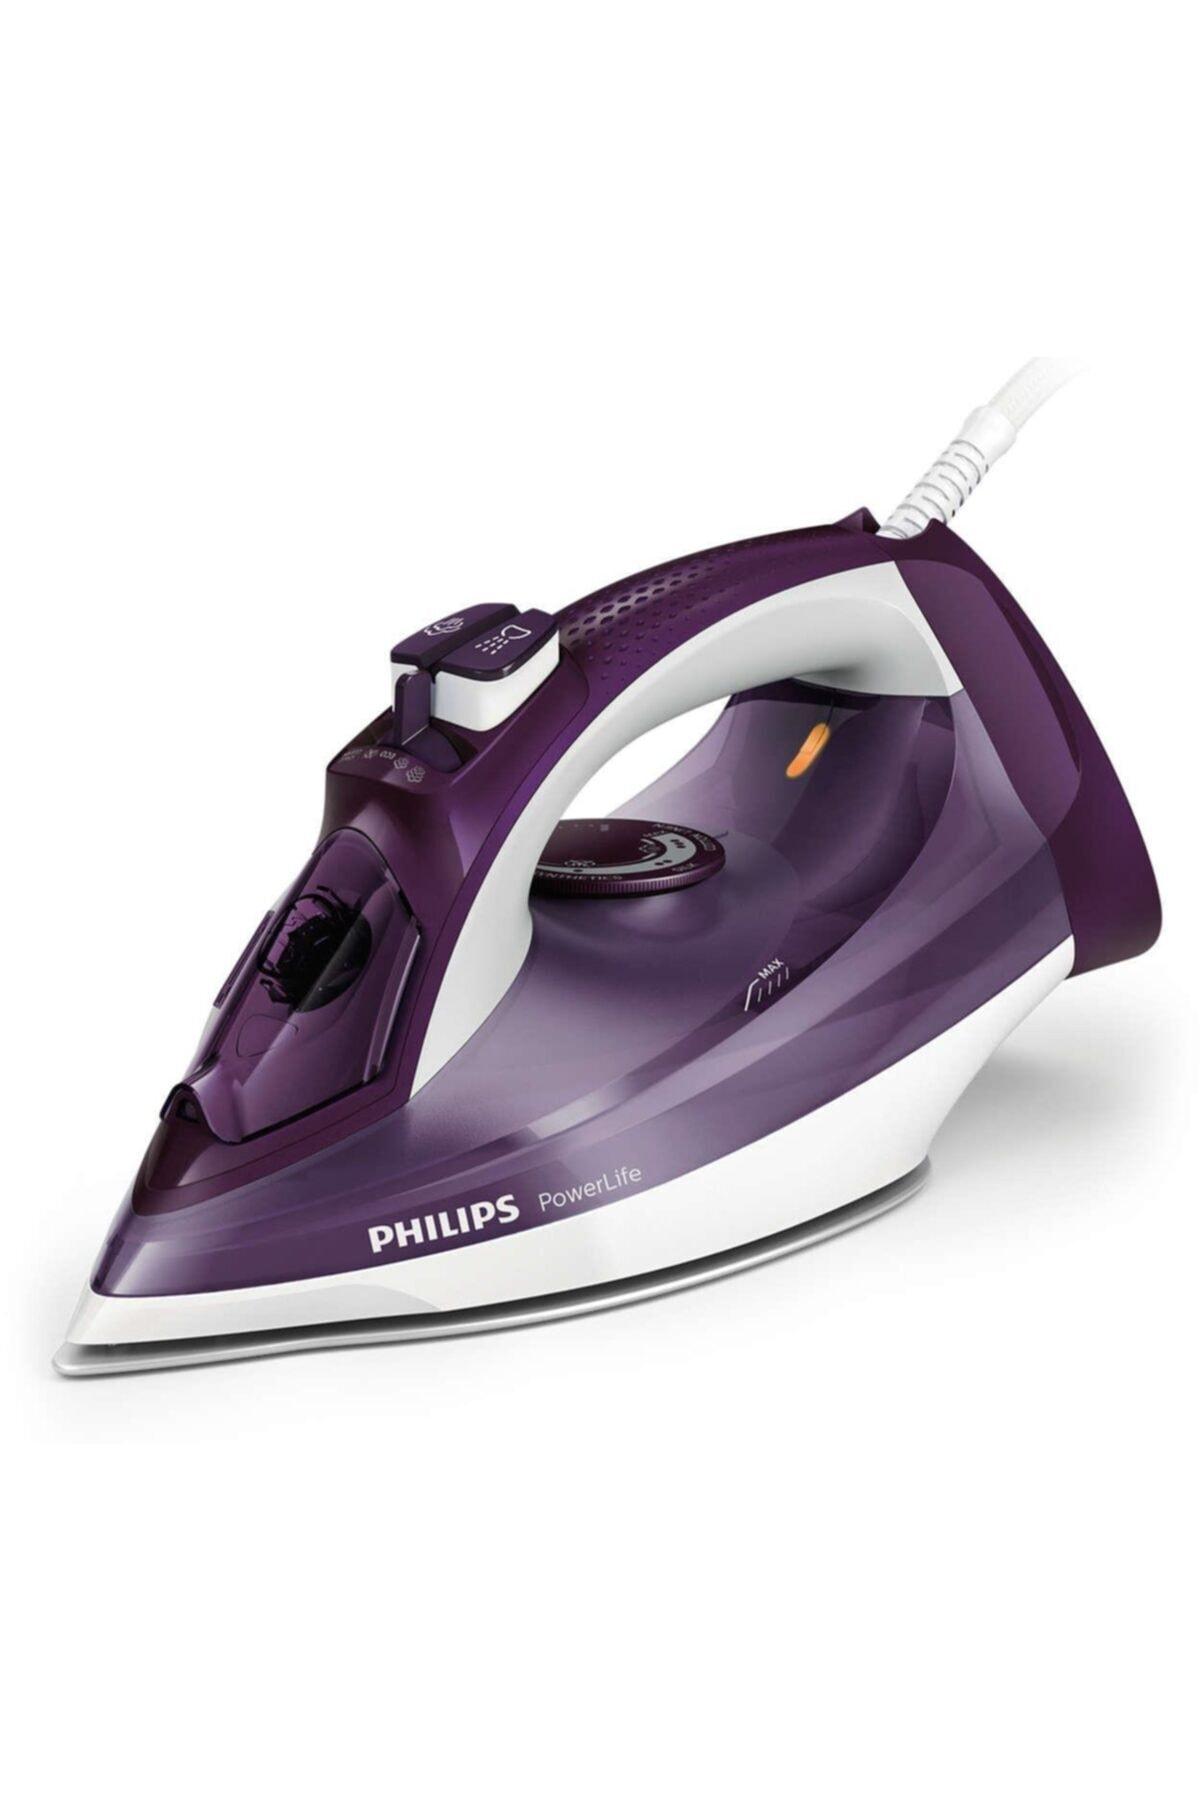 Philips Powerlife Gc2995/30 2400 W Buharlı Ütü 1